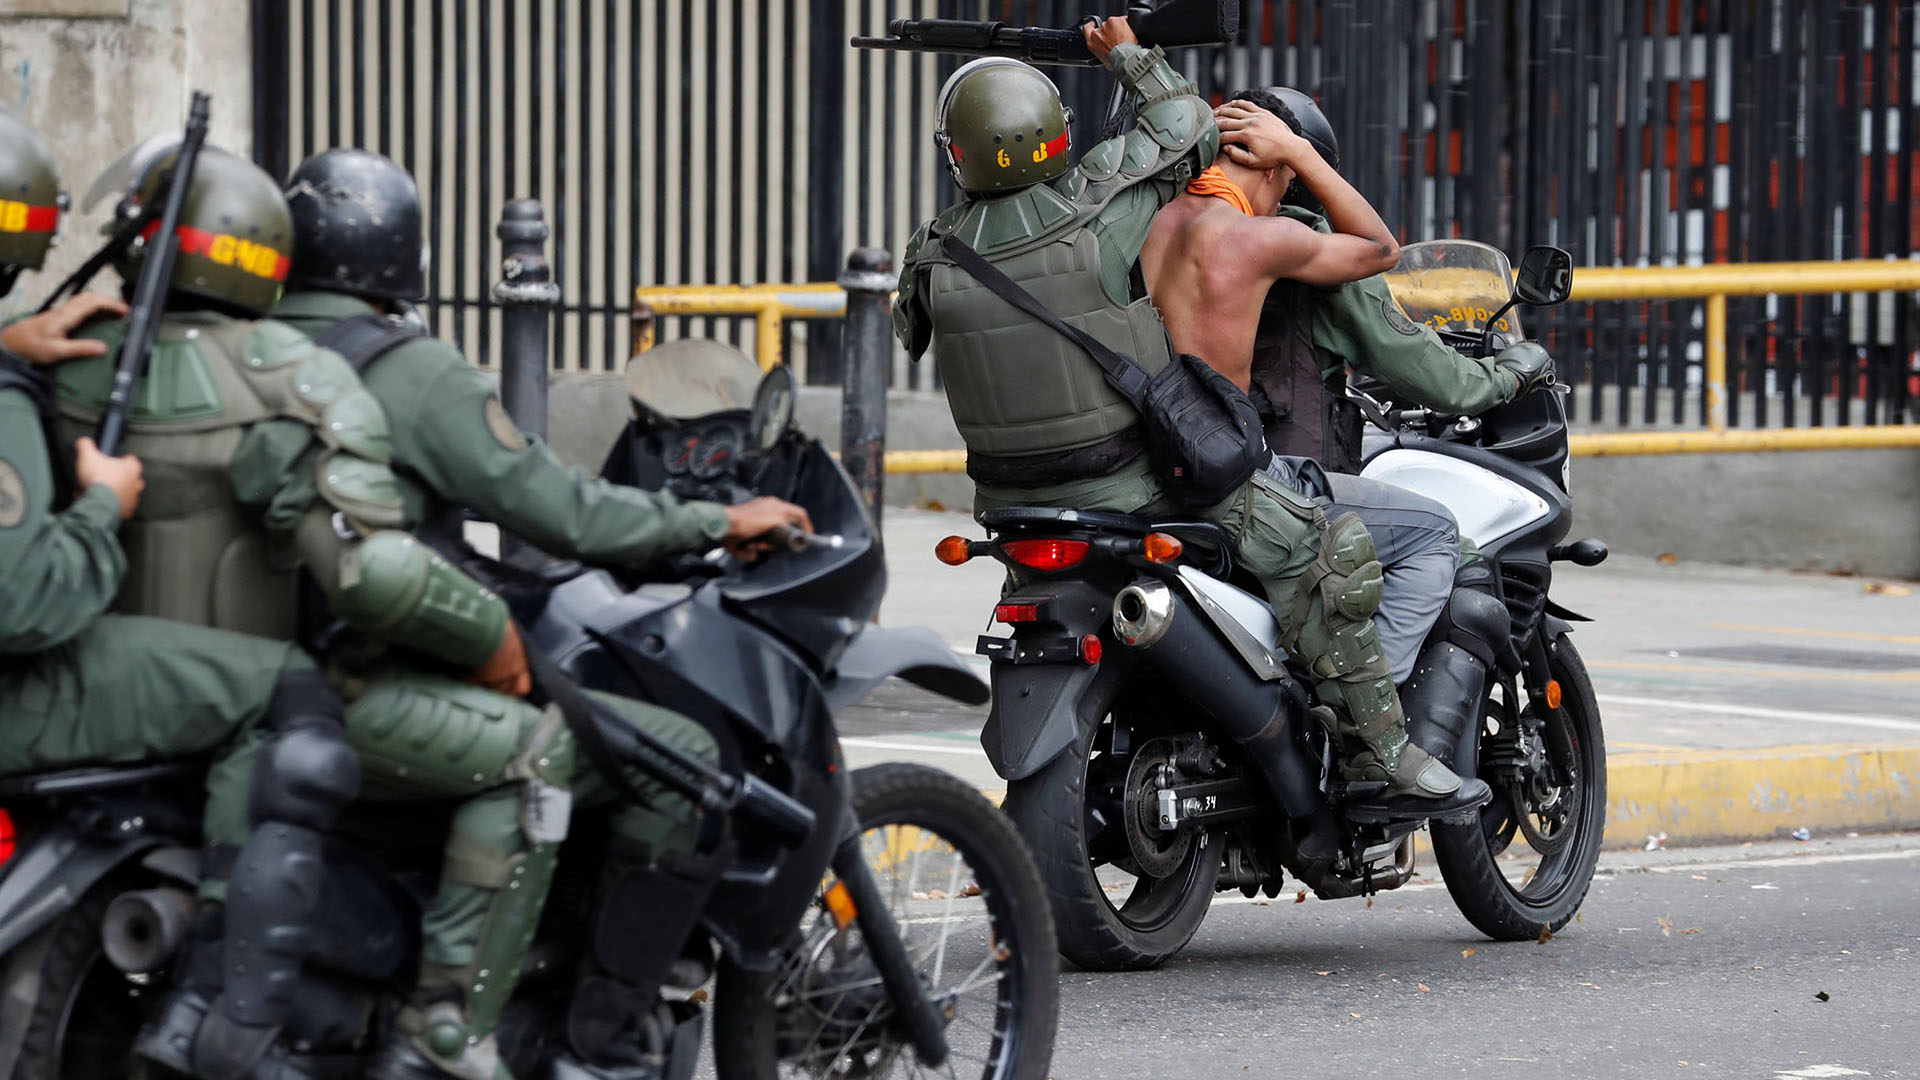 La policía traslada a un manifestante detenido (REUTERS)